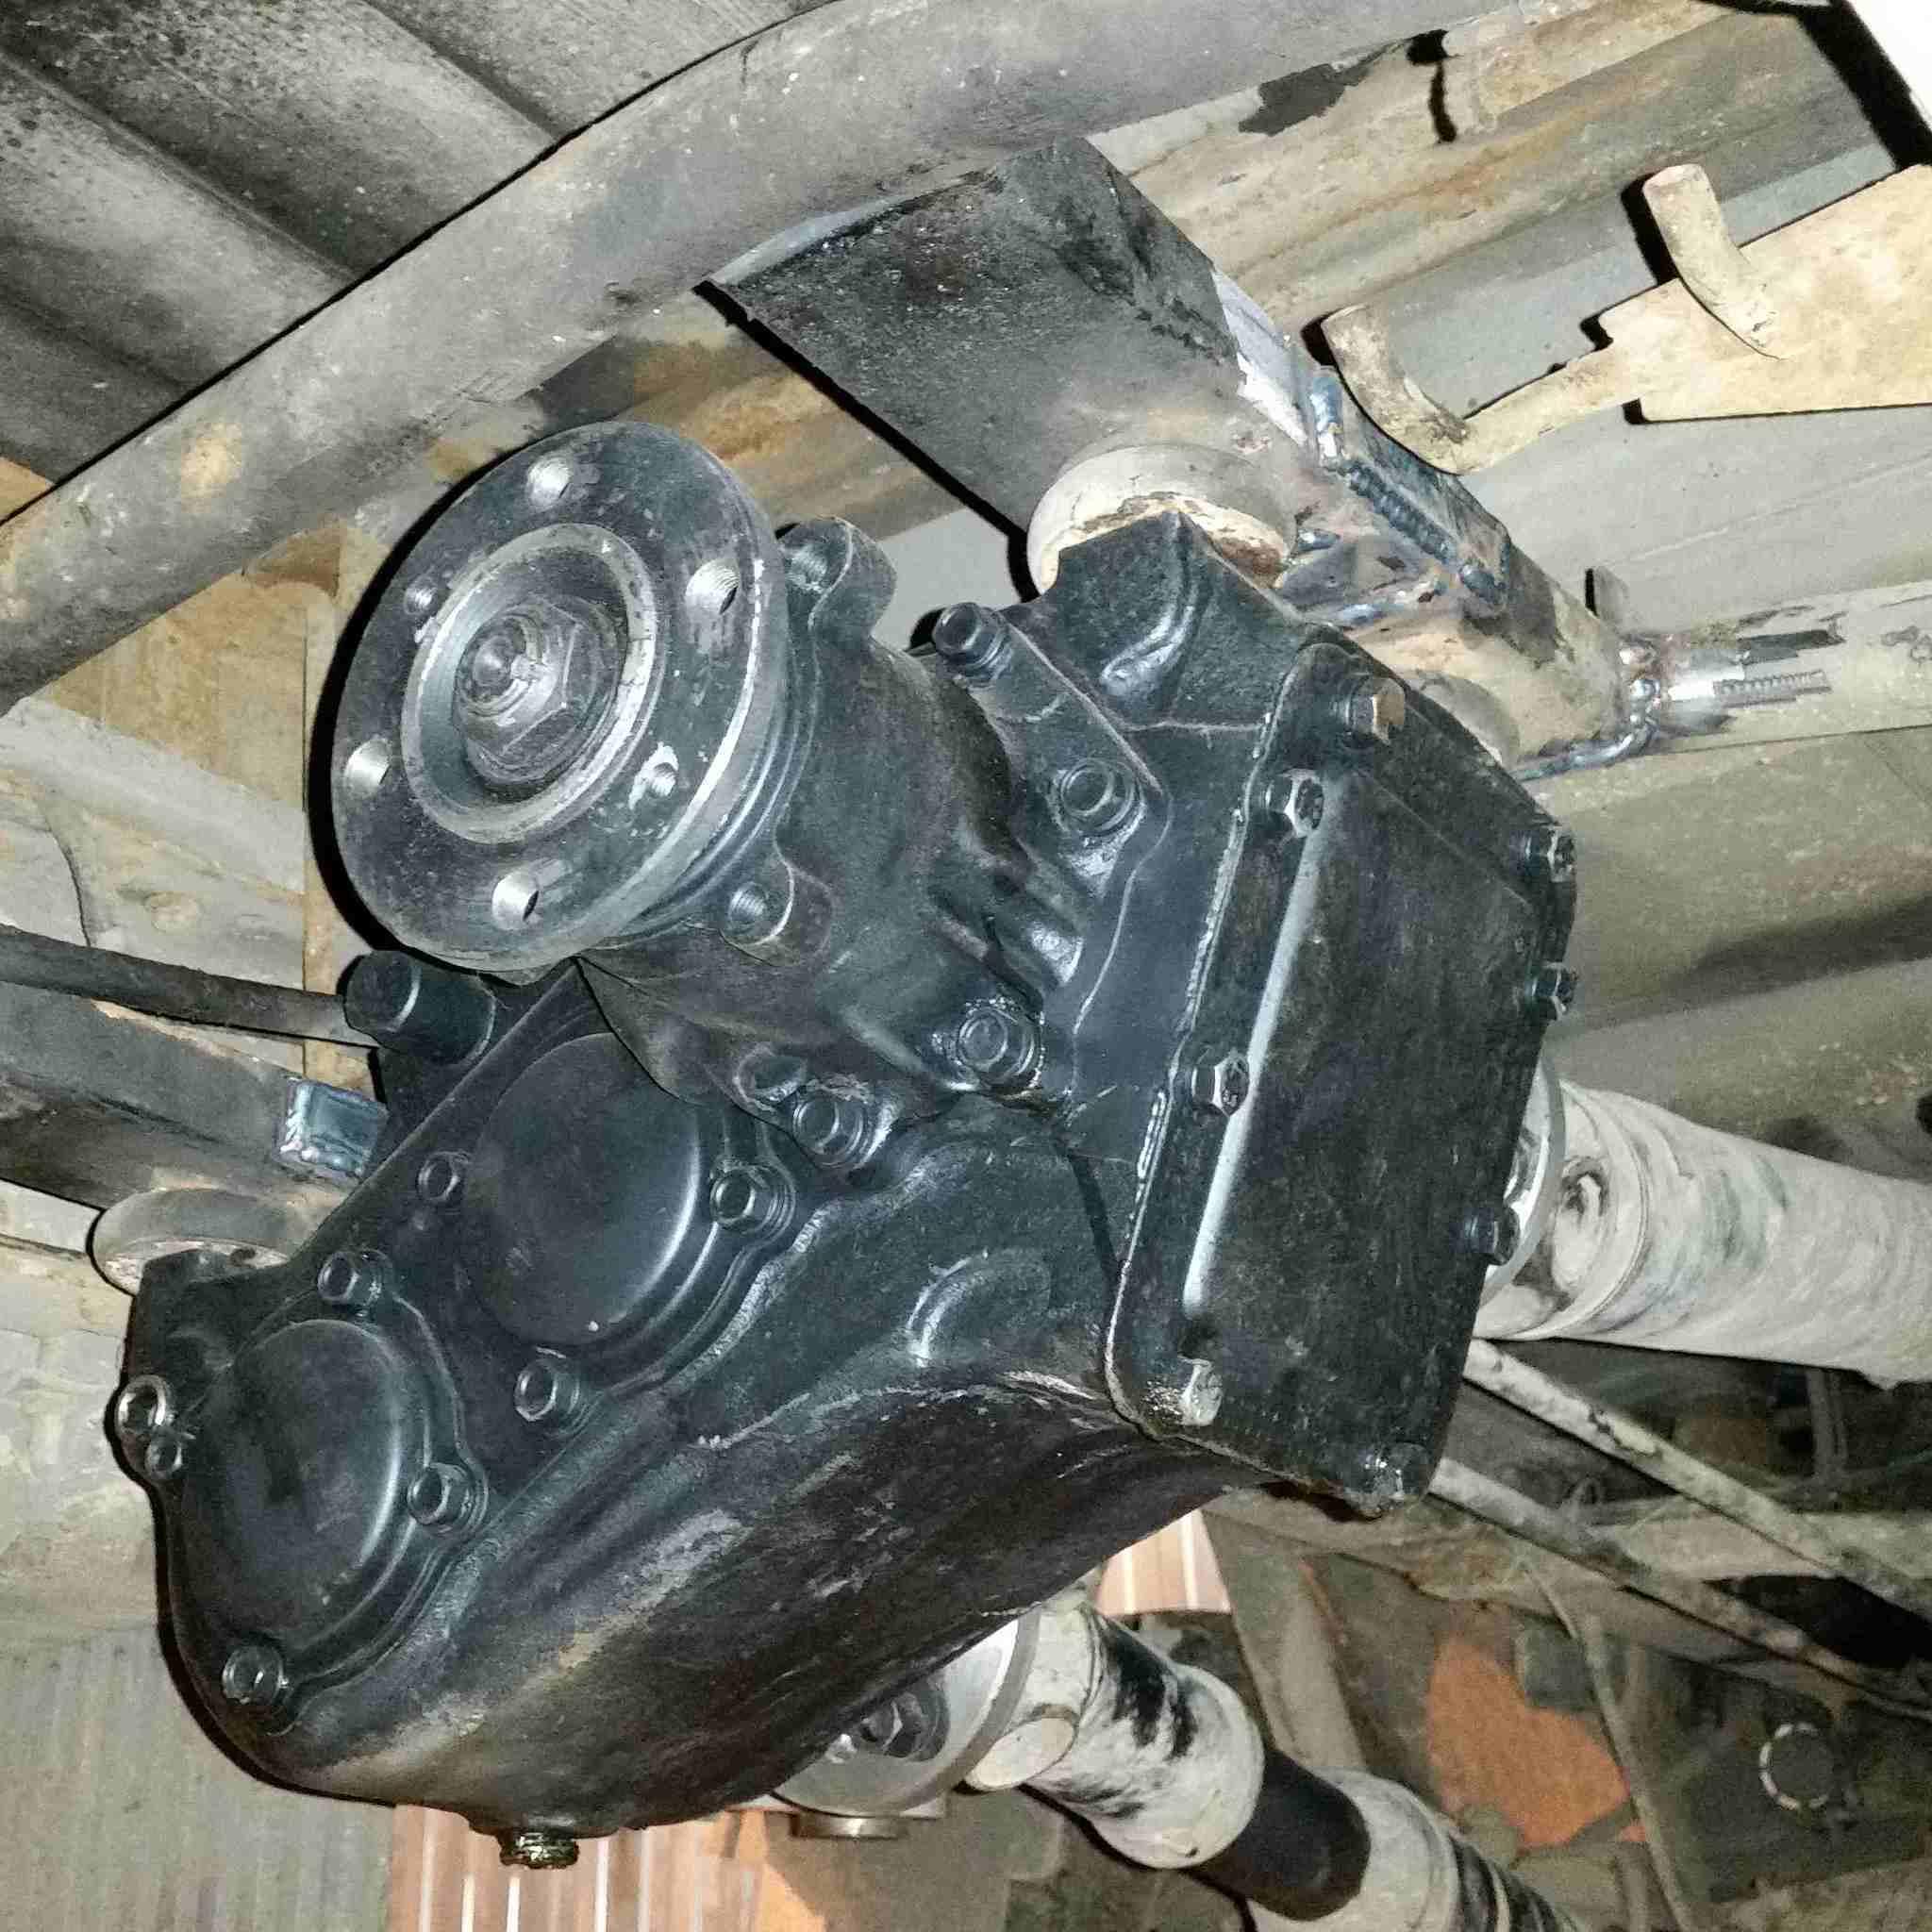 Установка раздаточной коробки ГАЗ 66 на ГАЗель 4х4 фото-1